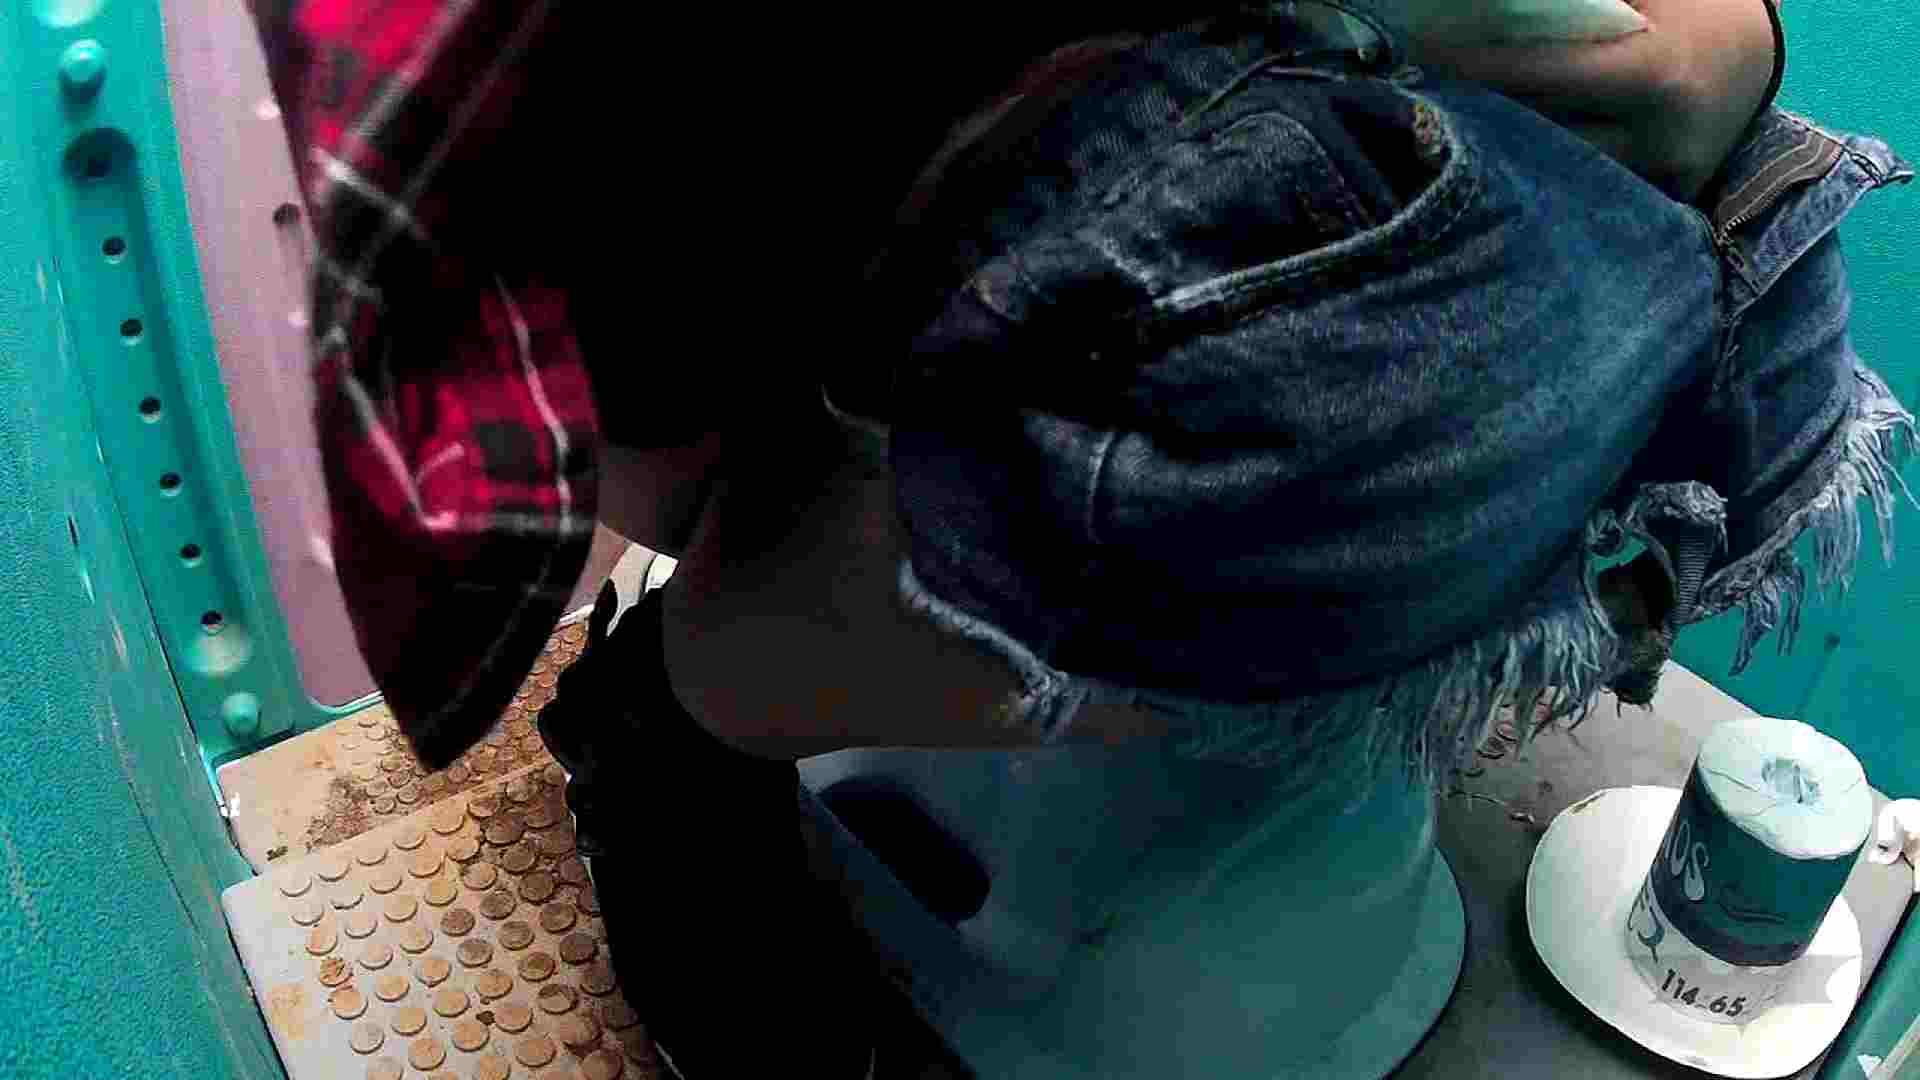 痴態洗面所 Vol.06 中が「マジヤバいヨネ!」洗面所 洗面所着替え | OL  100連発 36